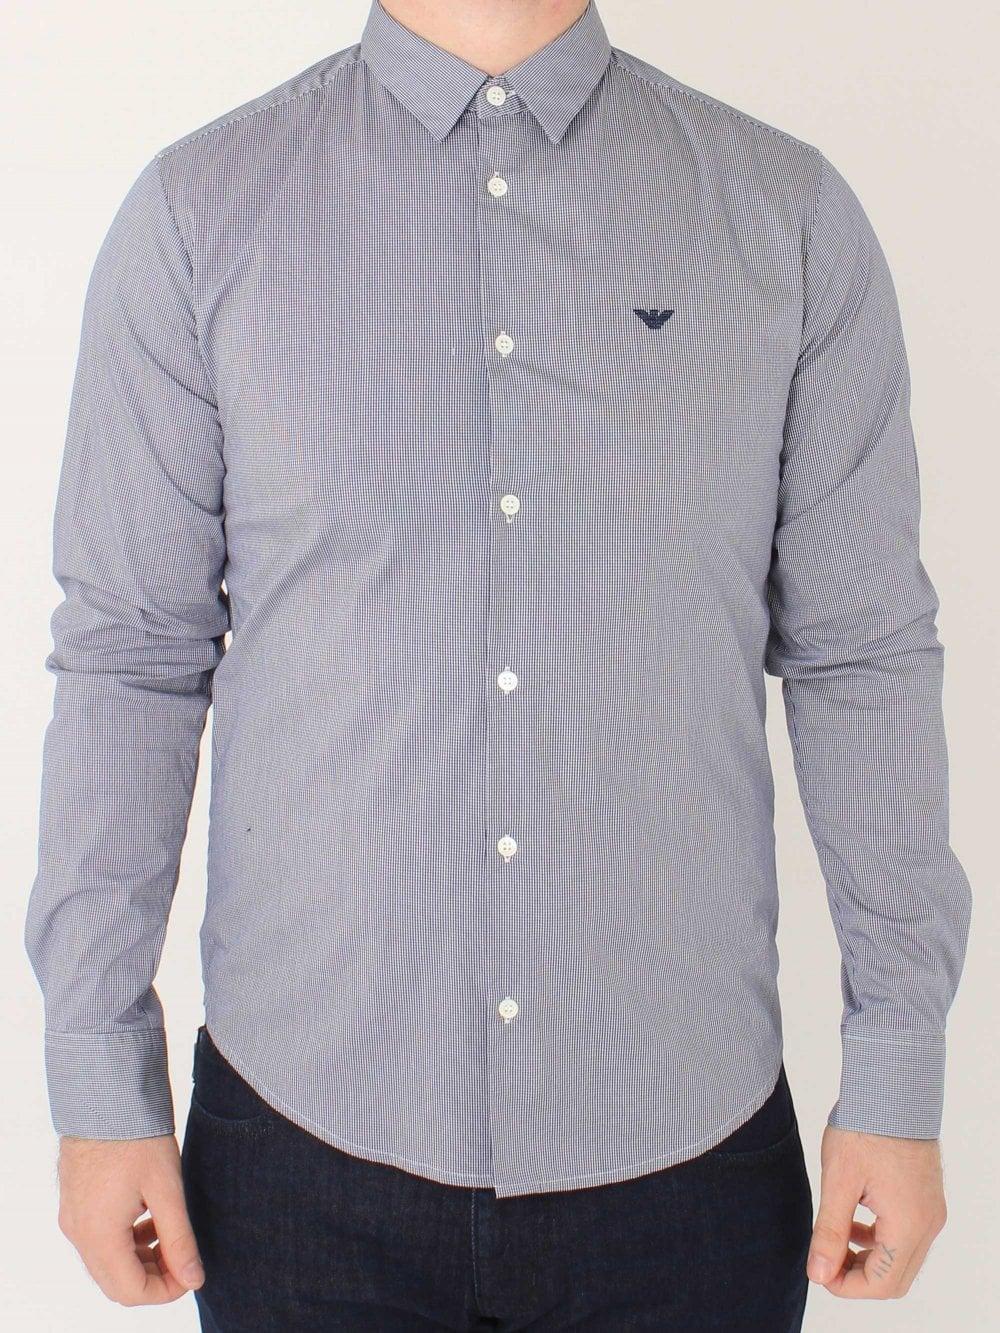 3577d61d6a Shirt - Blue